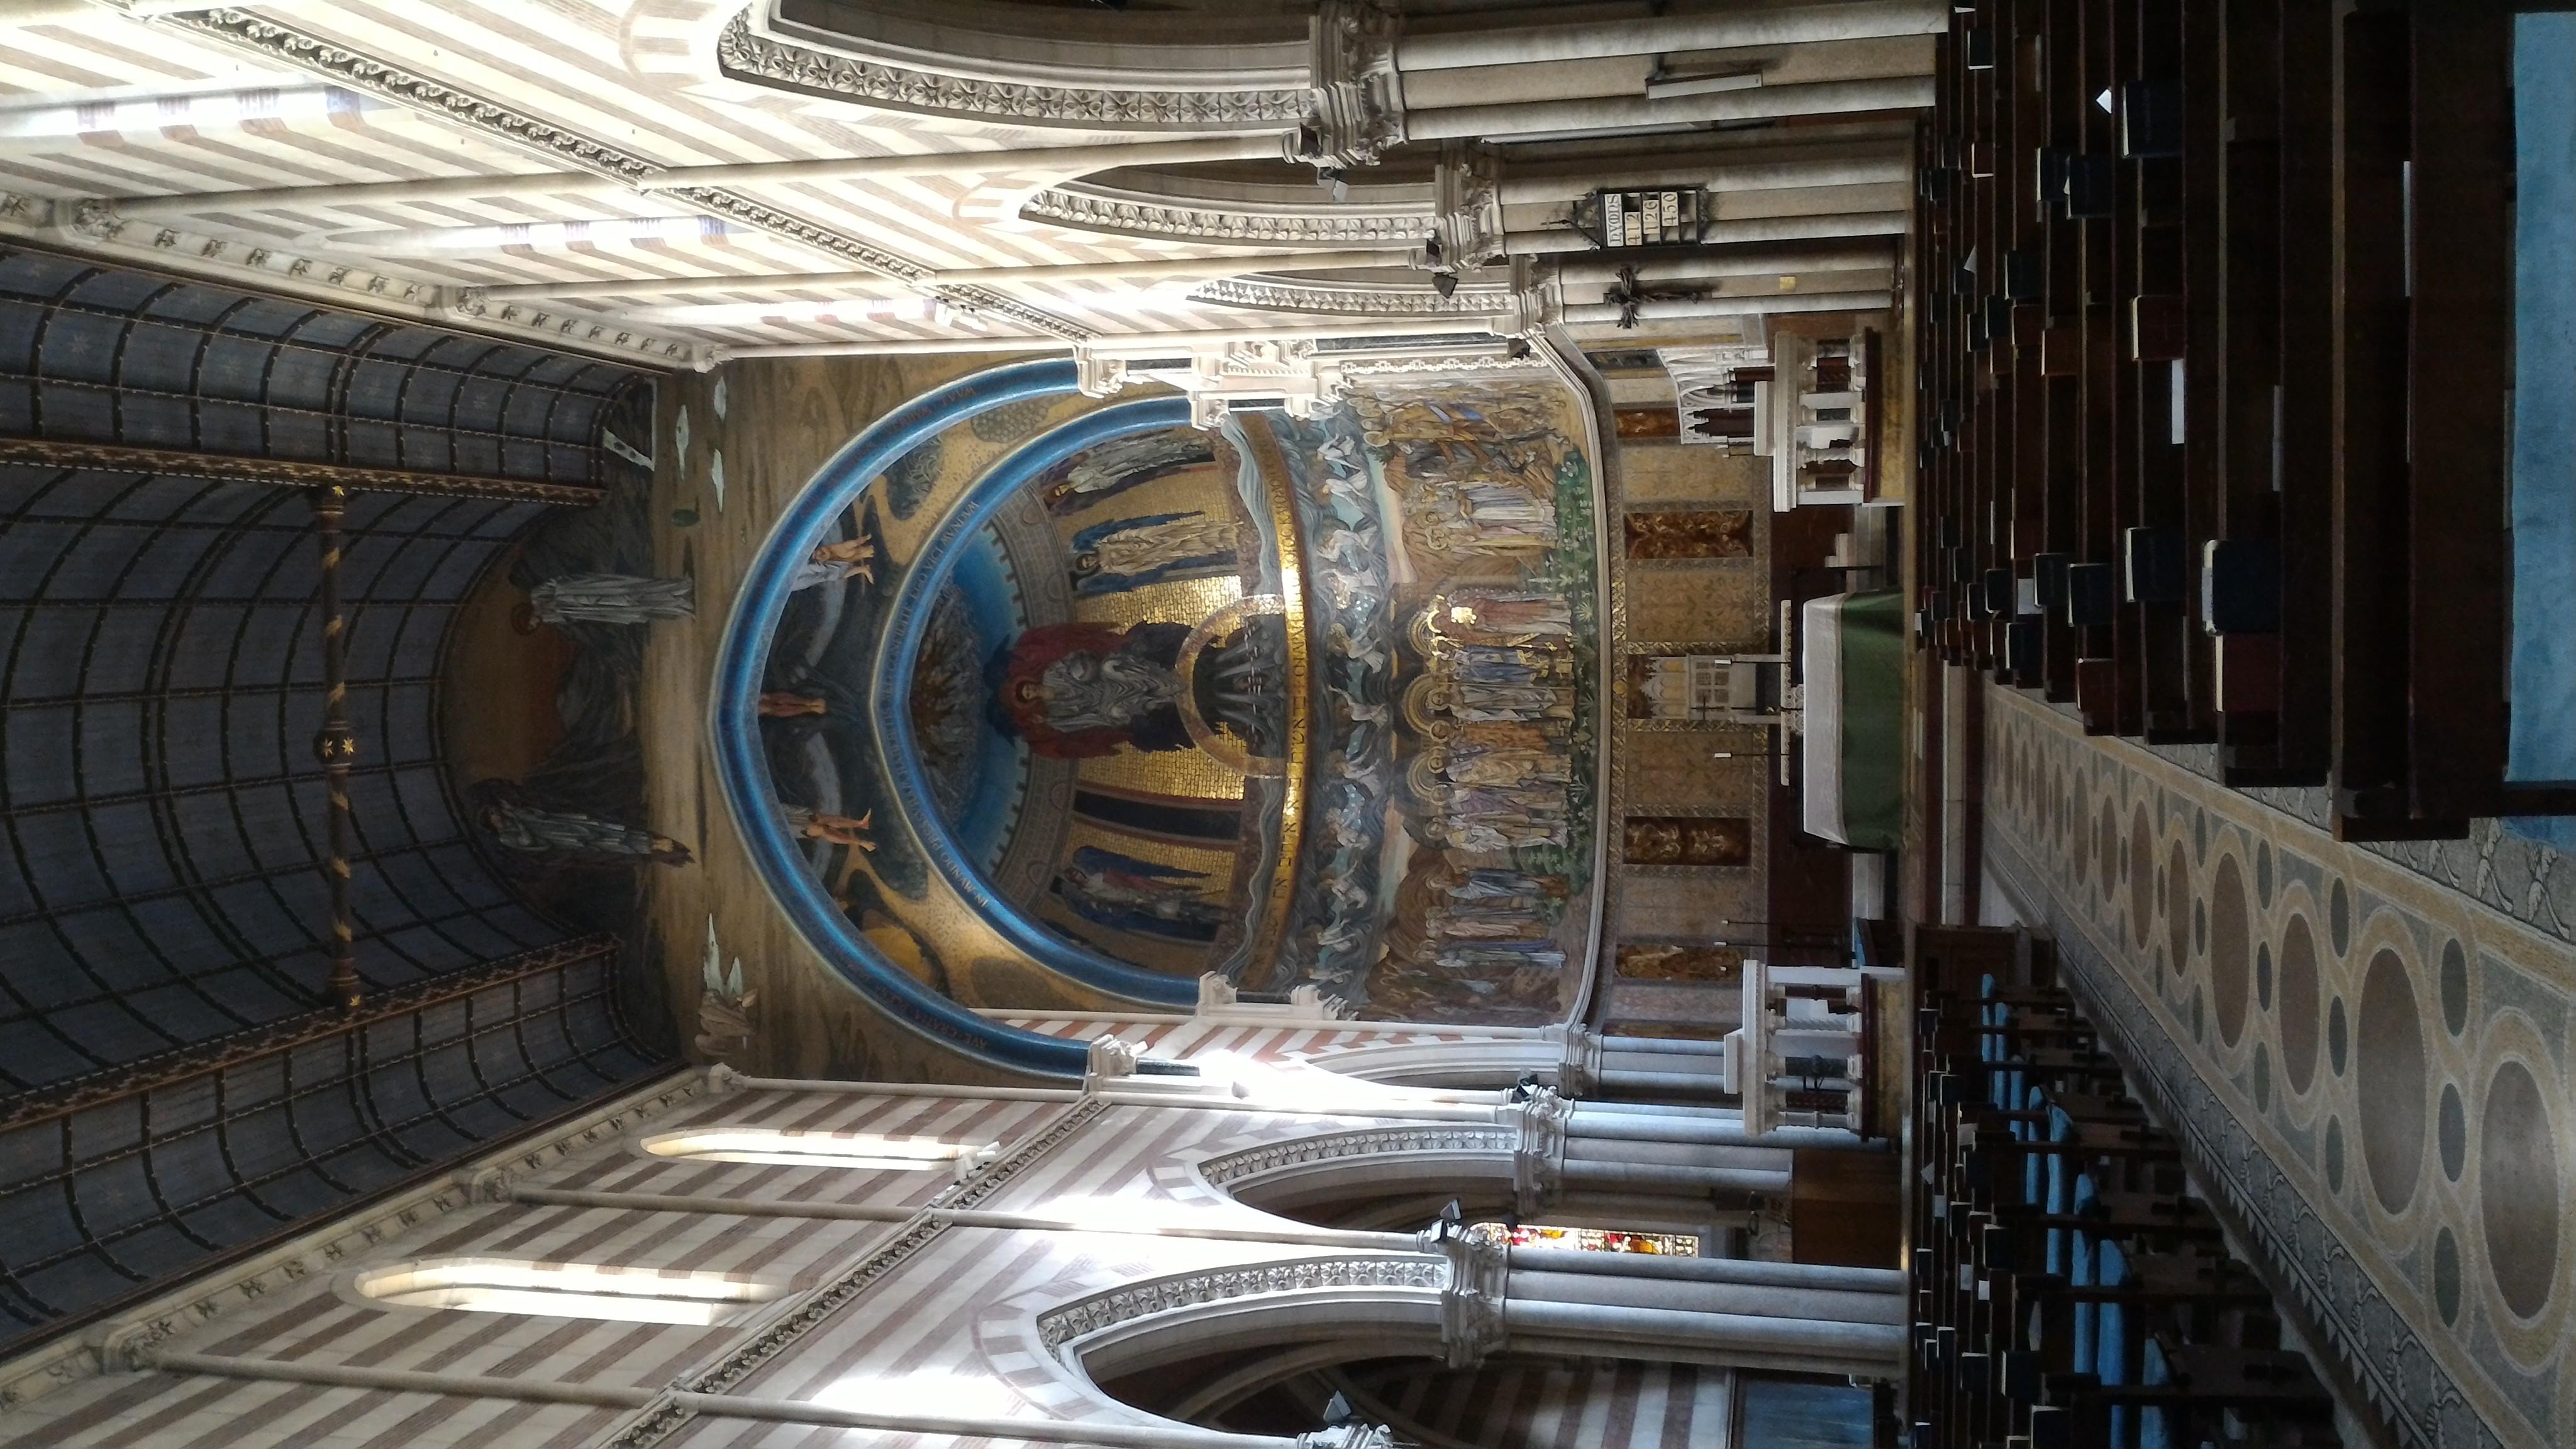 La chiesa di san paolo dentro le mura a roma emozionearte for Dentro le mura